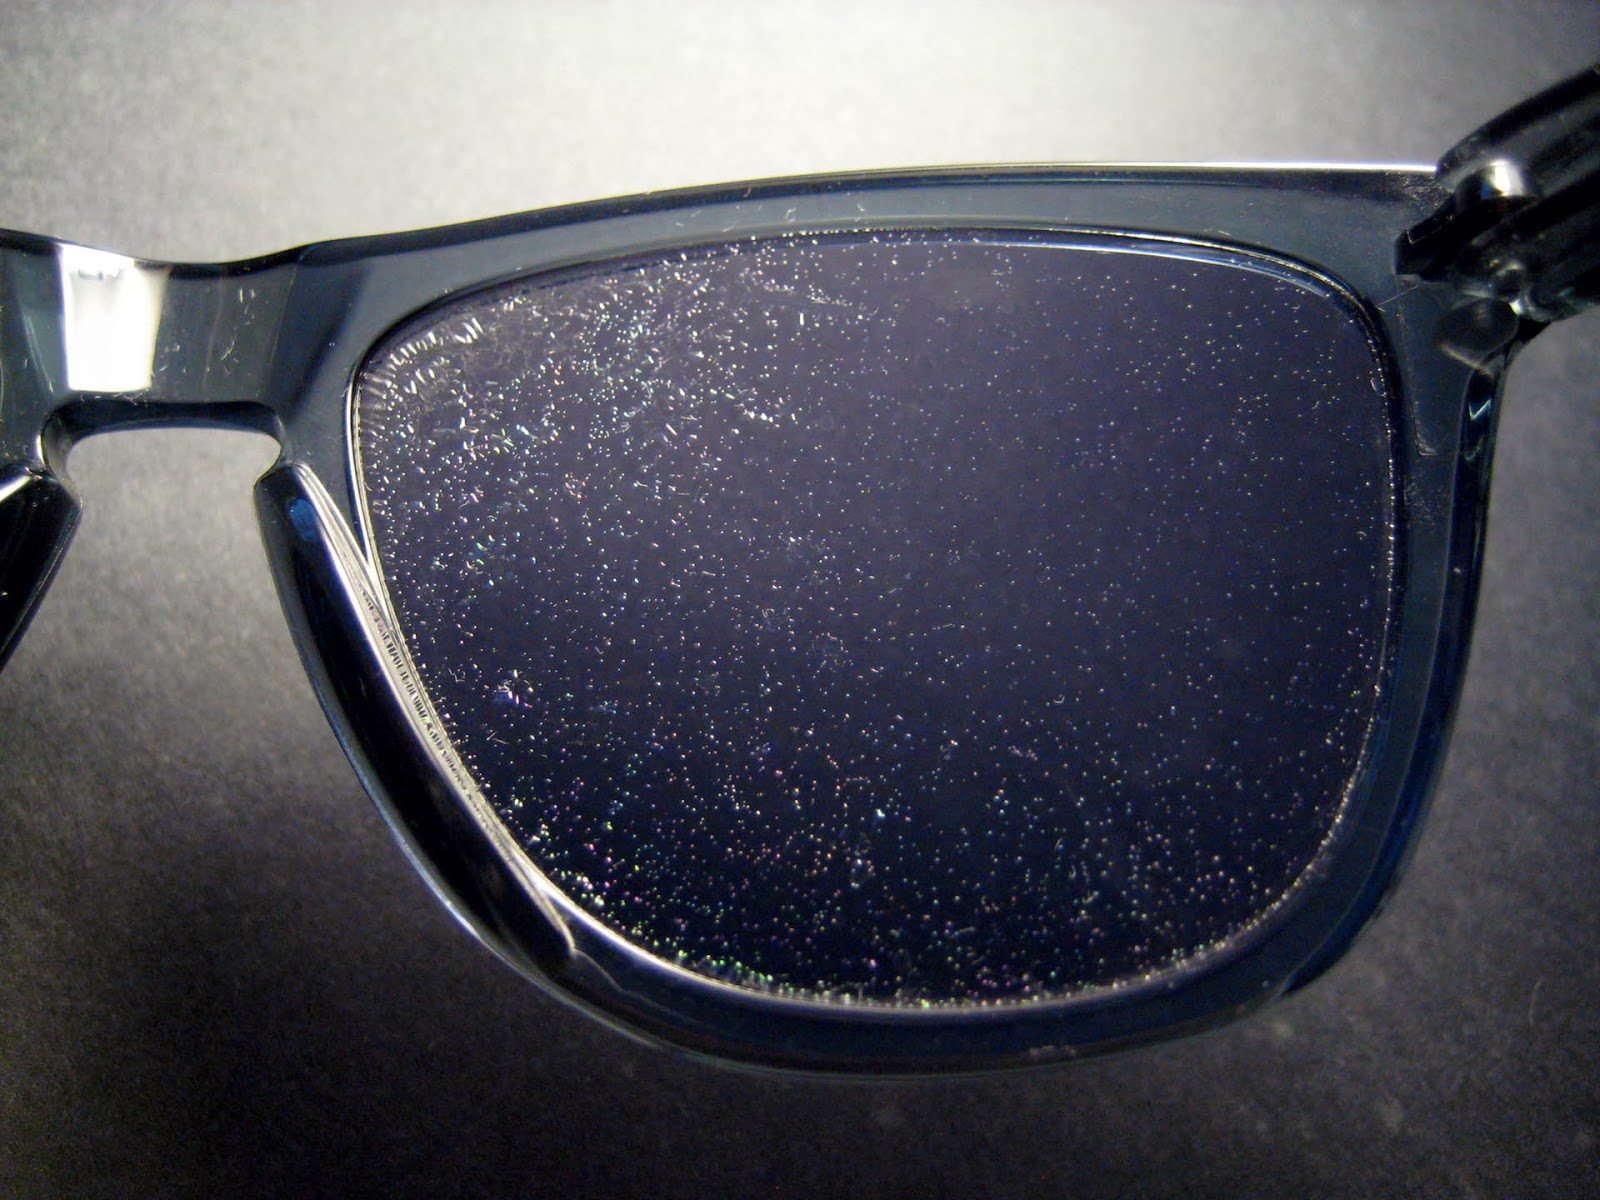 d8af122752 Sabe a história contada nas lojas Oakley, onde dizem que as lentes deles  duram para sempre e tem garantida eterna? É lenda.